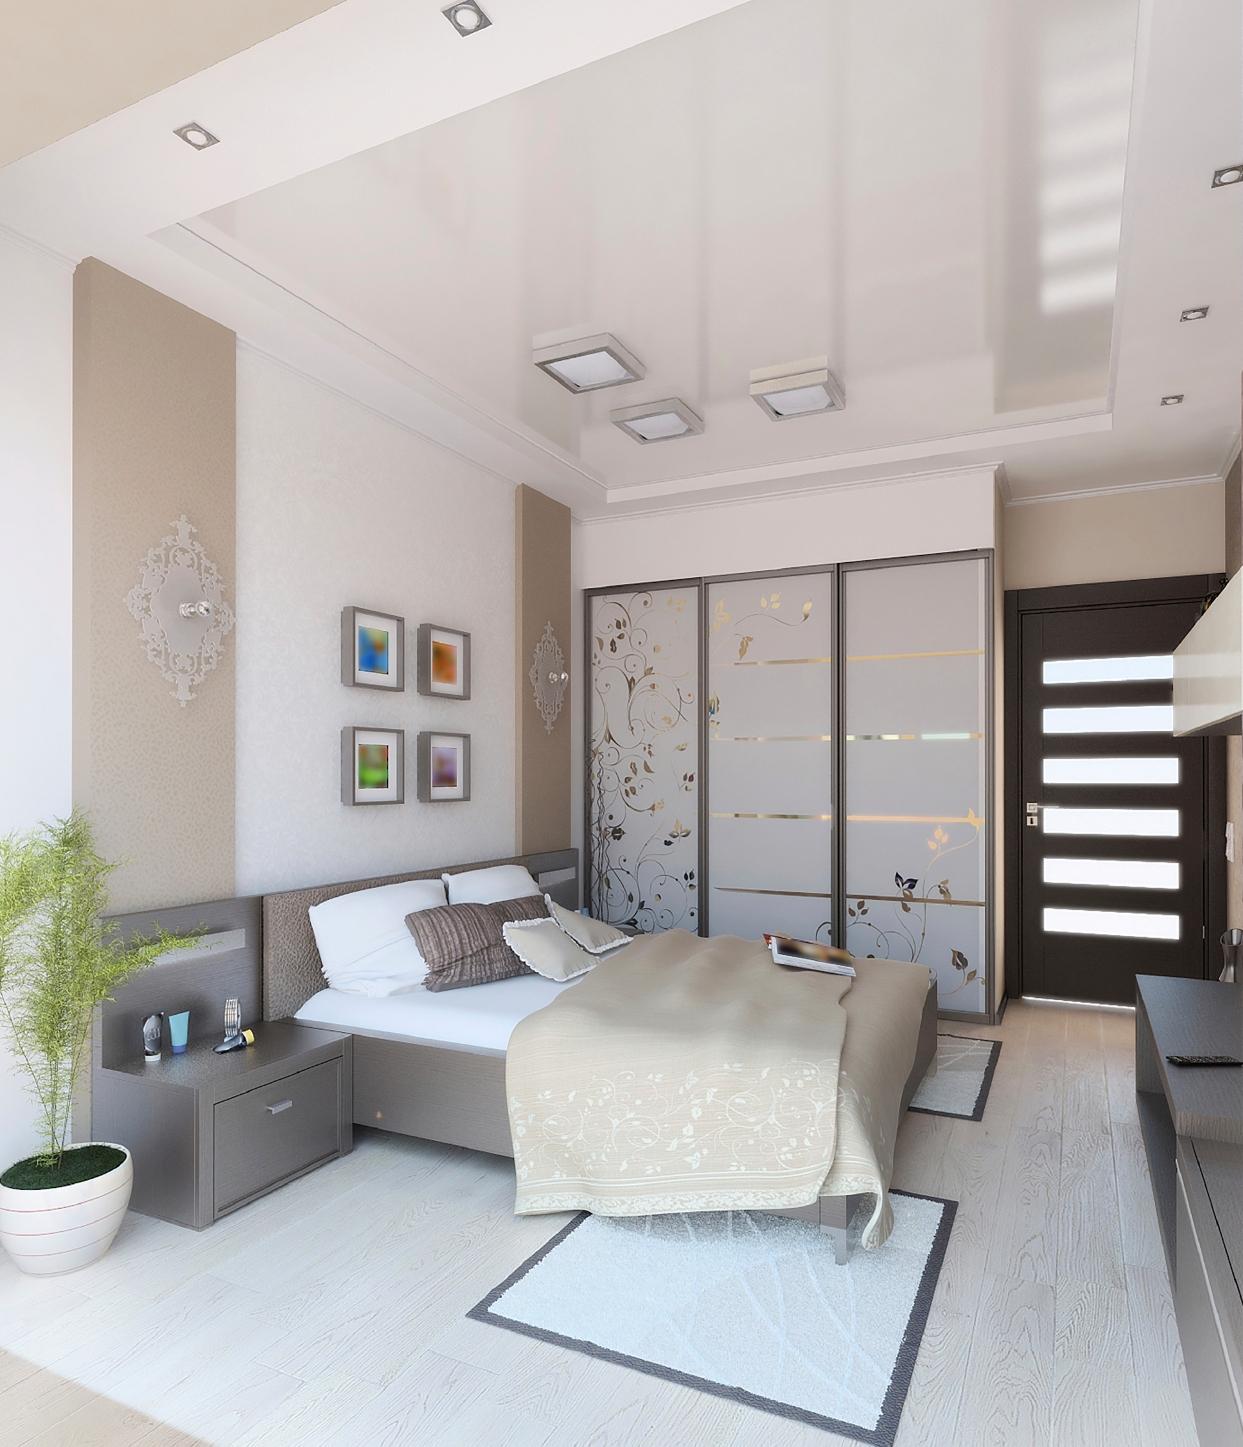 Hoe kun je je slaapkamer mooi inrichten? - Inspiratie voor je interieur